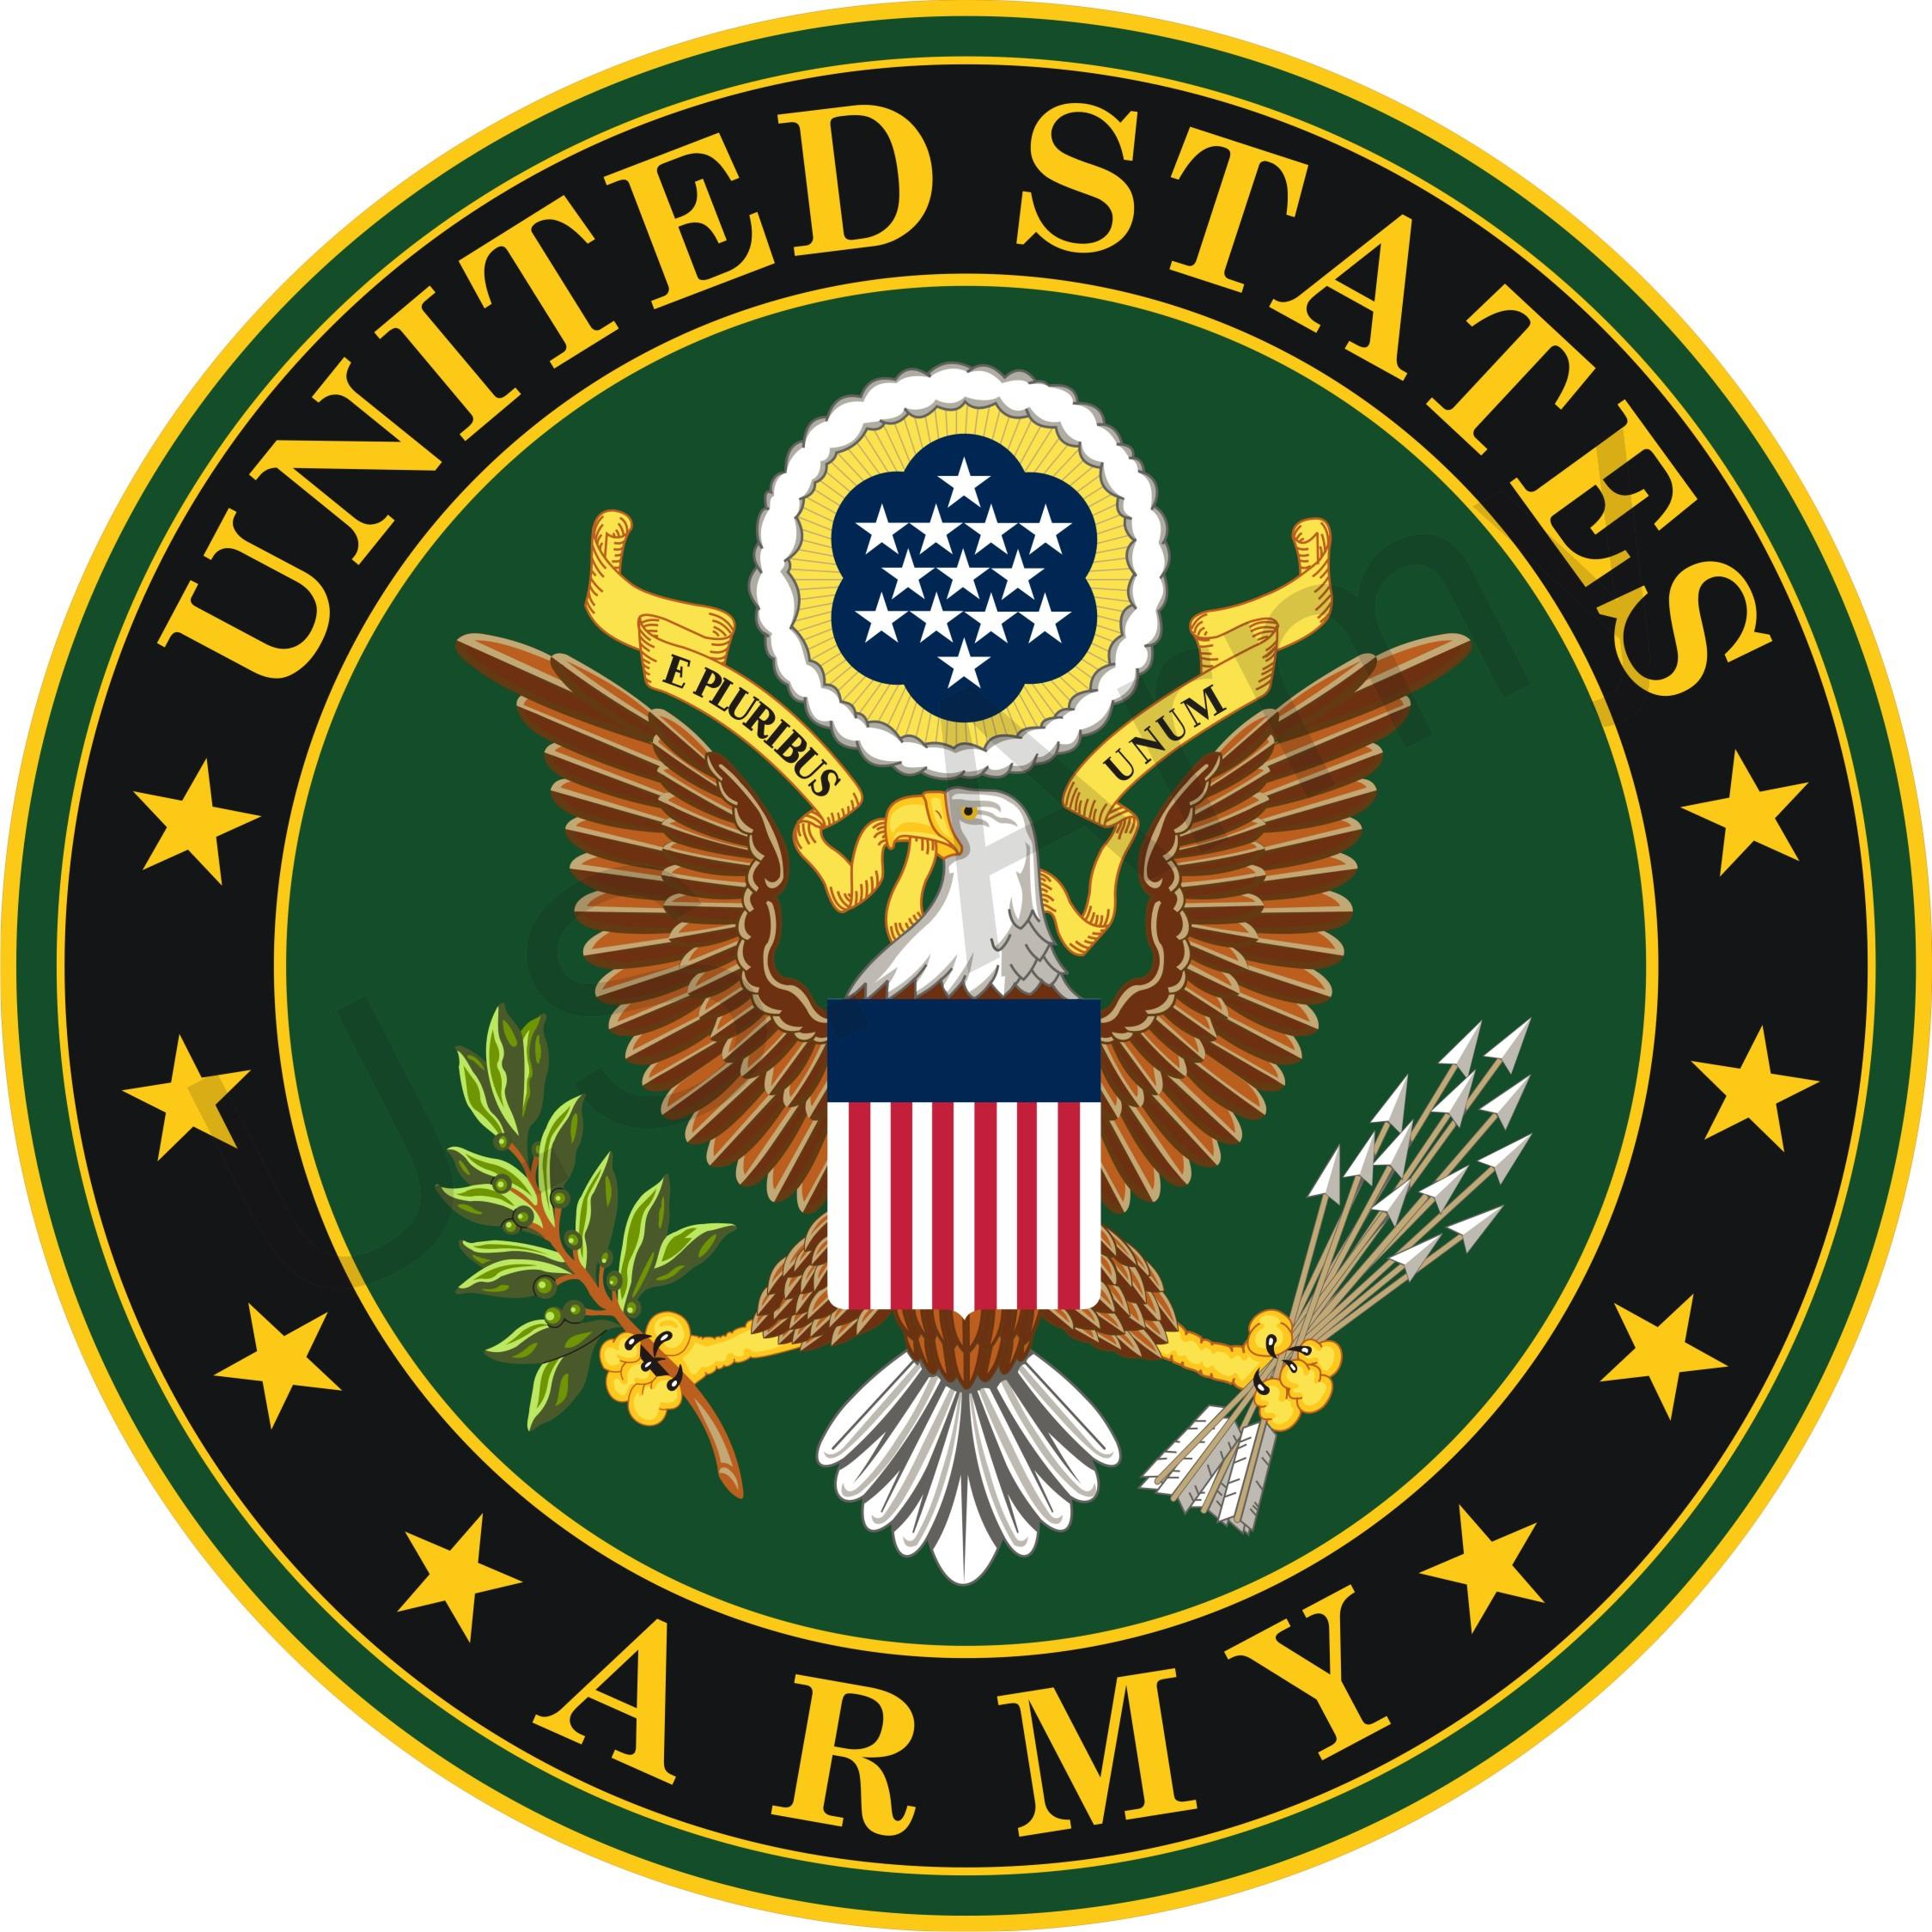 Army logo a